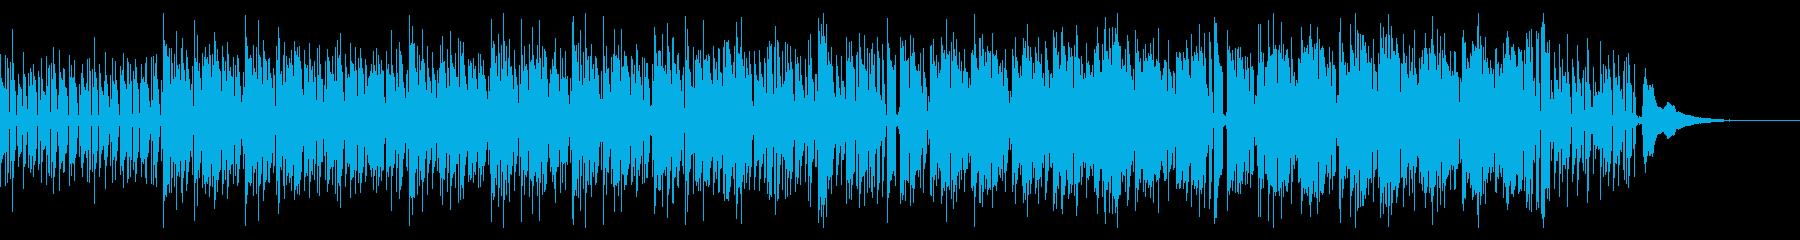 クラシックギターとピアノのボサノバ風Bの再生済みの波形